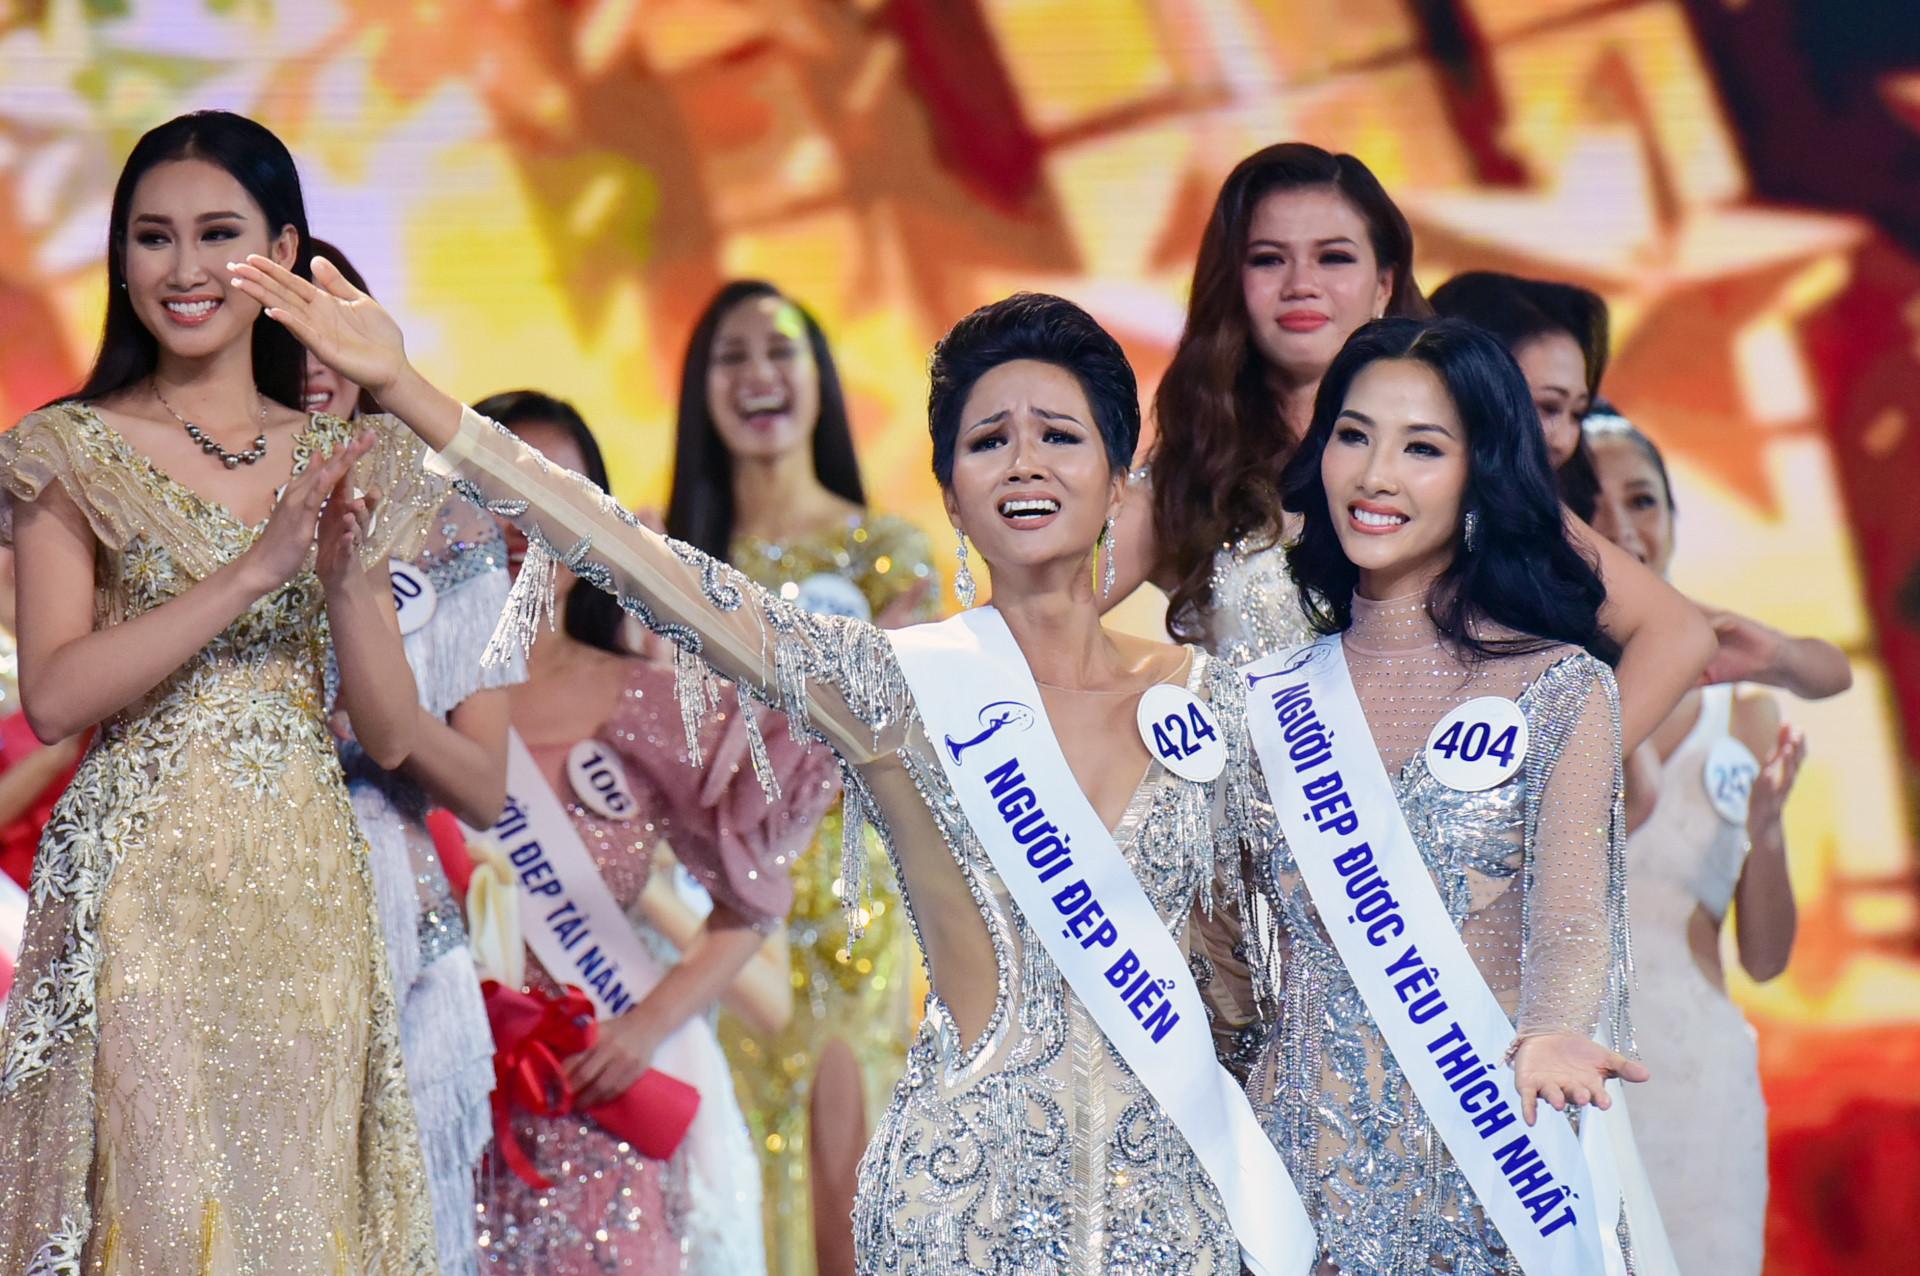 Nhan sắc tân Hoa hậu Hoàn vũ Việt Nam gây tranh cãi